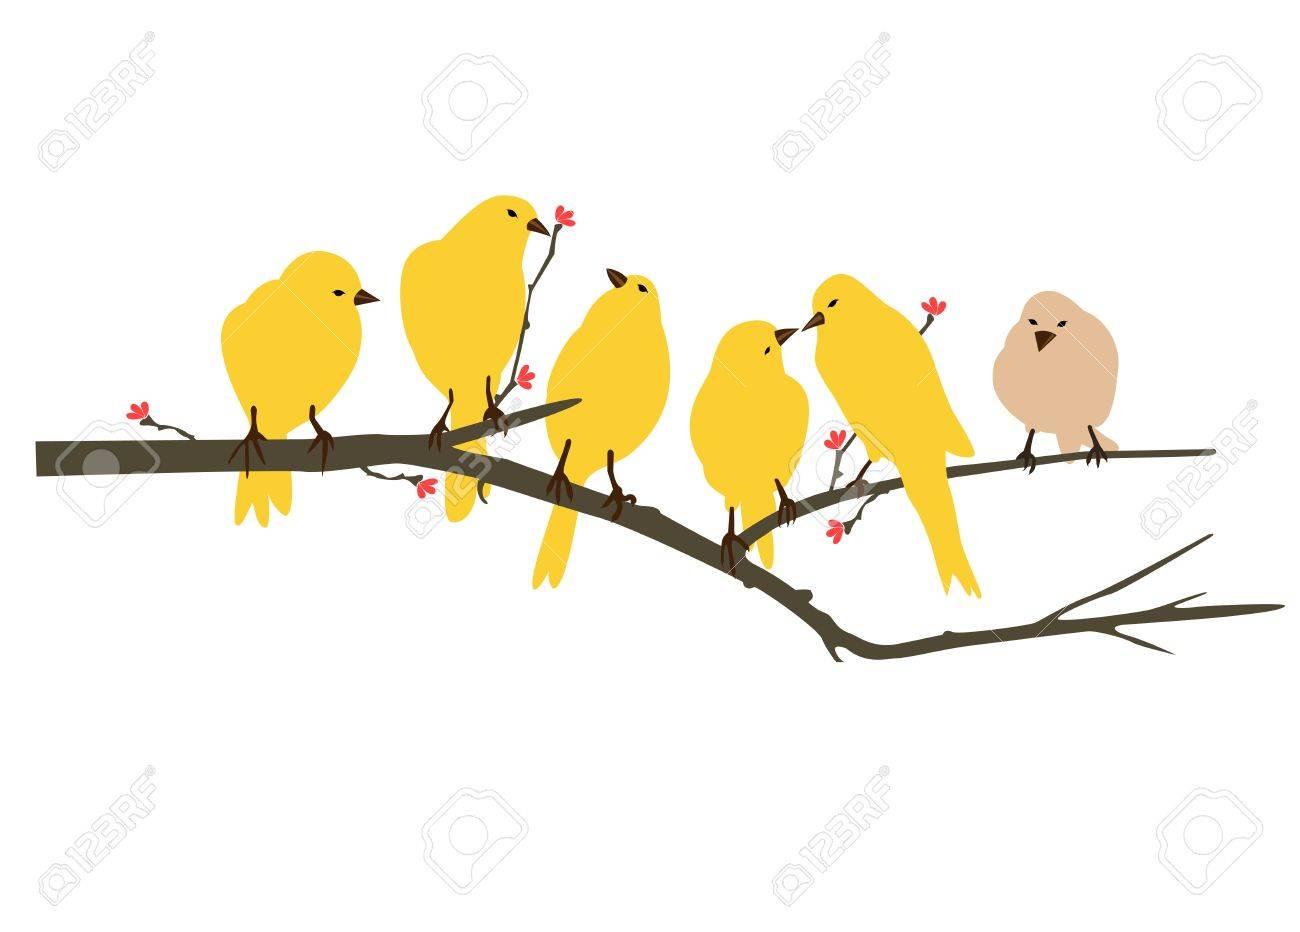 Sticker Wall Vector - Yellow bird wall decals